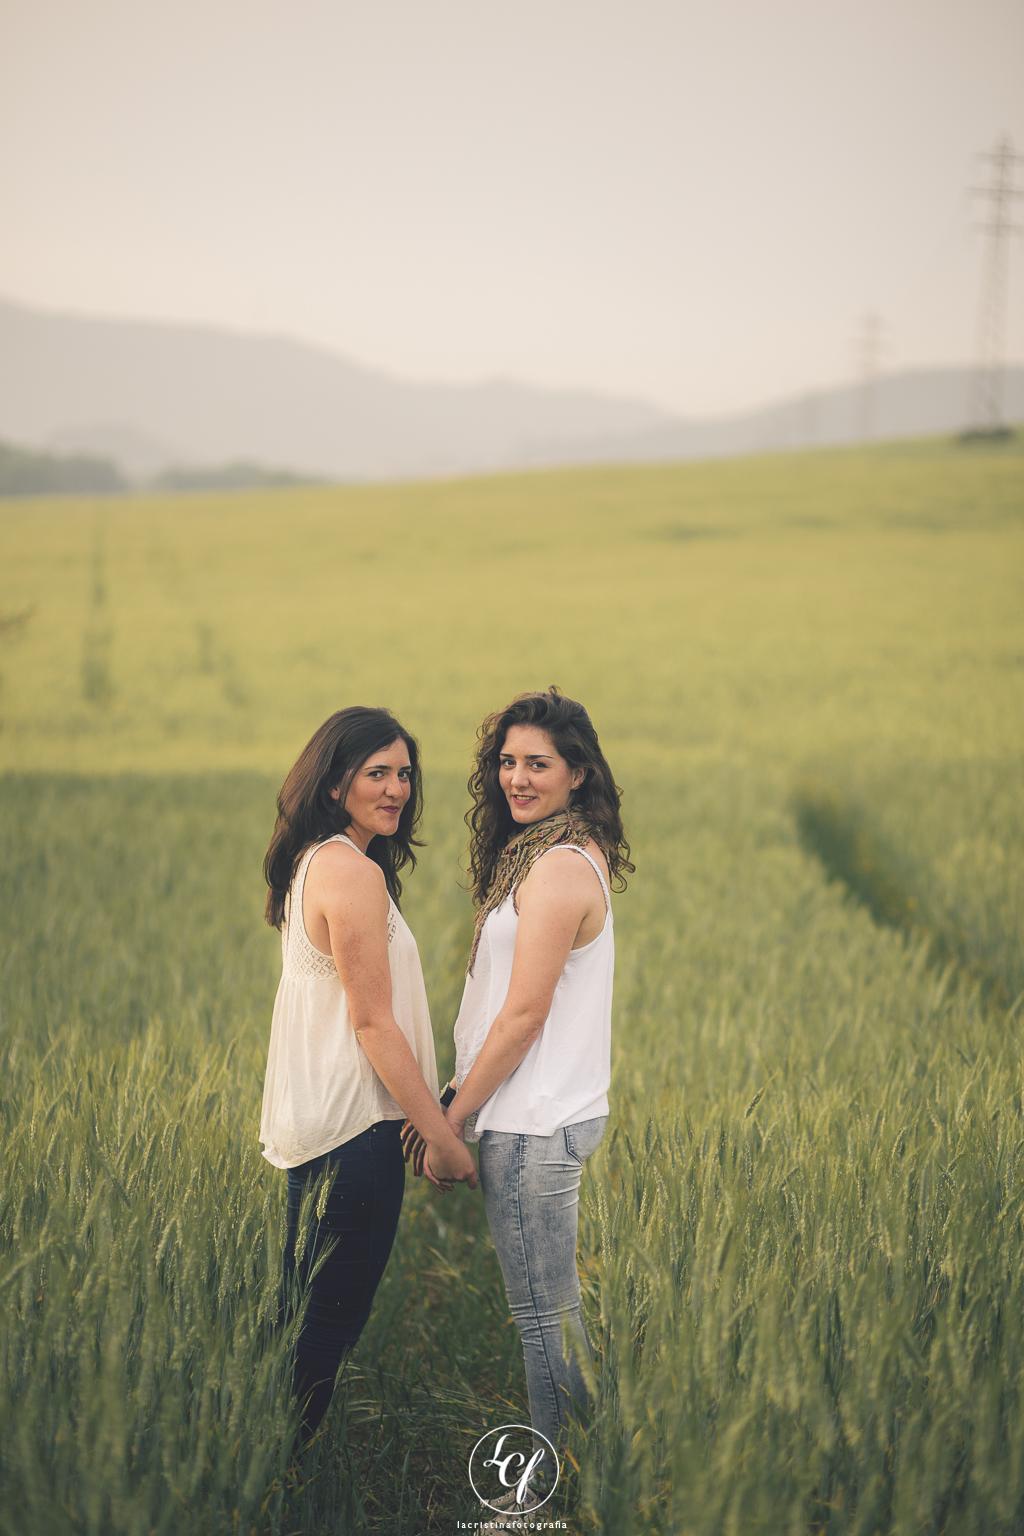 Fotógrafo familiar ripollet :: fotografía familiar barcelona :: reportaje fotografía natural :: sesión fotografía hermanas gemelas